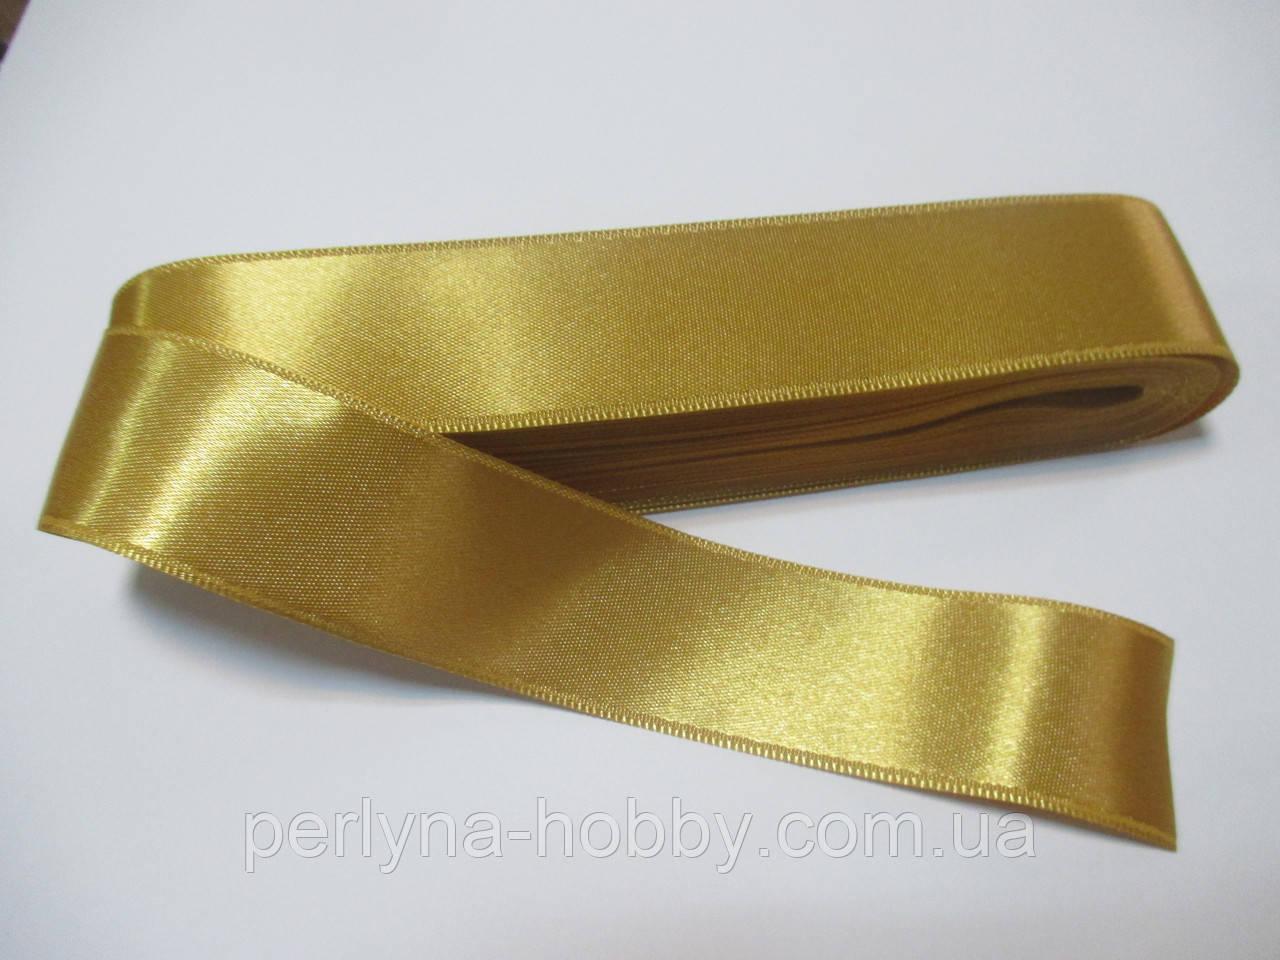 Стрічка атласна  двостороння 3 см Лента атласная двухсторонняя. ( 10 метрів) золотиста G-03-385